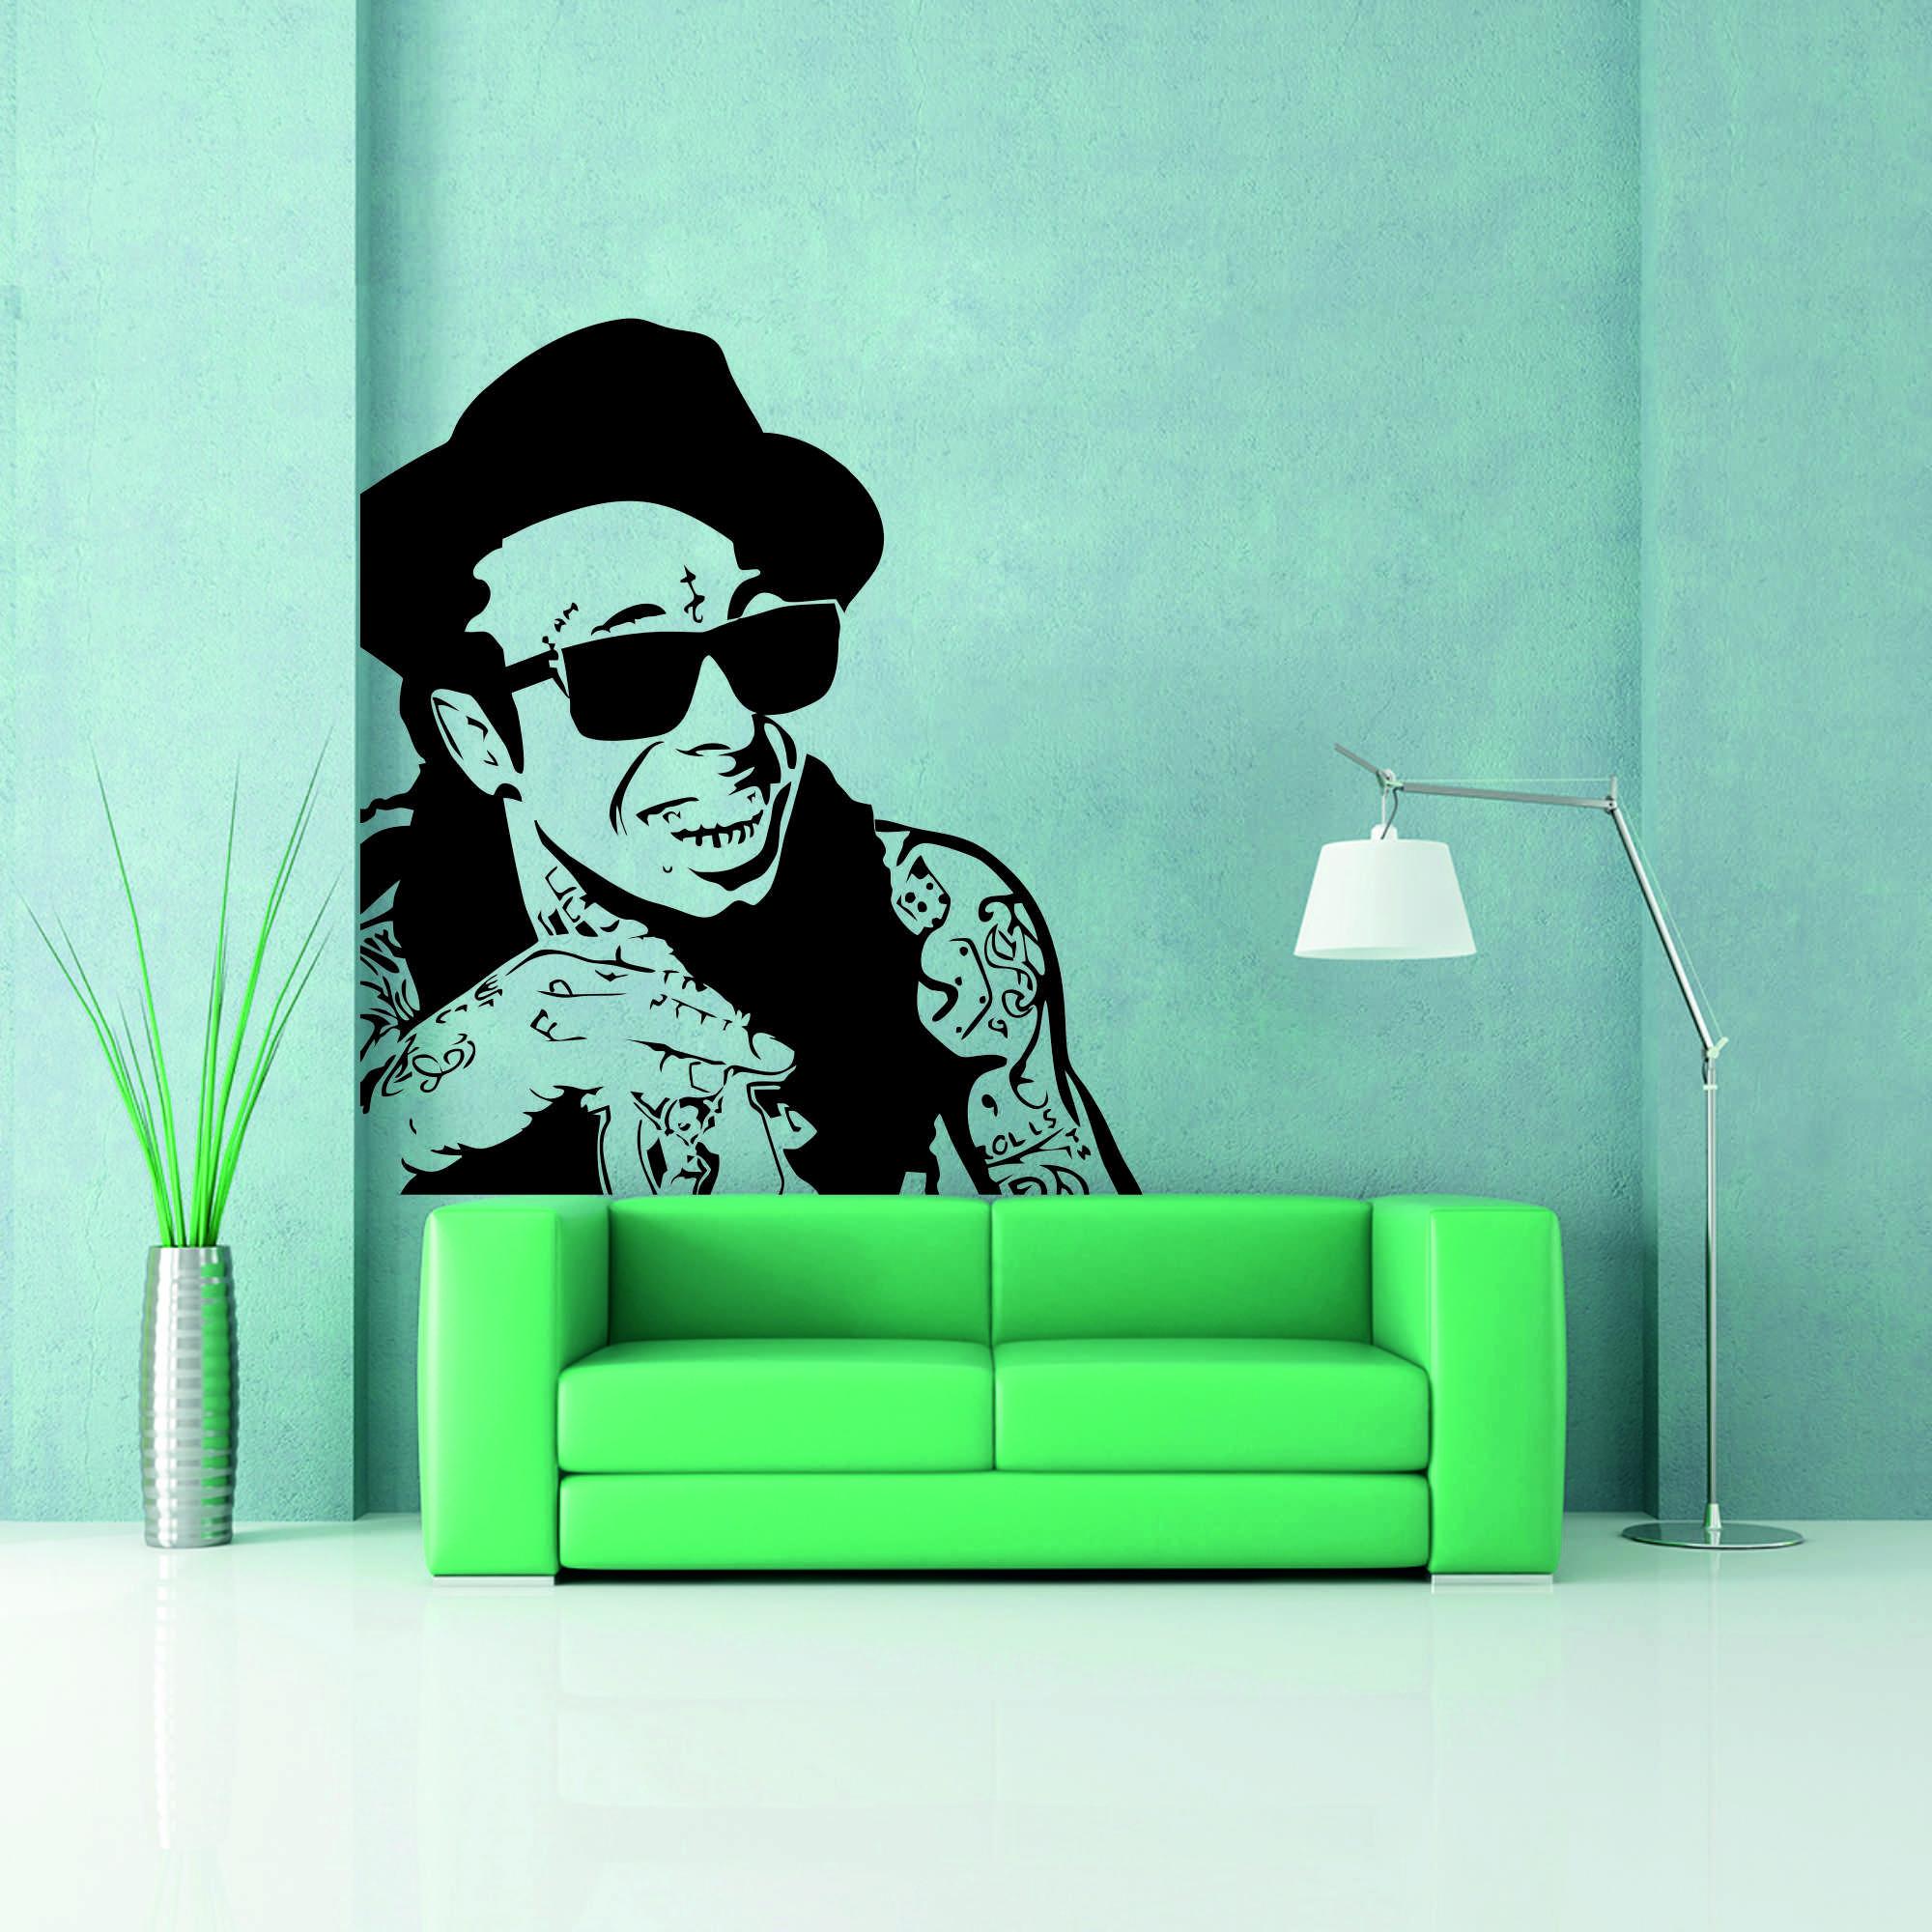 Samolepka na zeď - Lil Wayne - 54x60 cm - PopyDesign